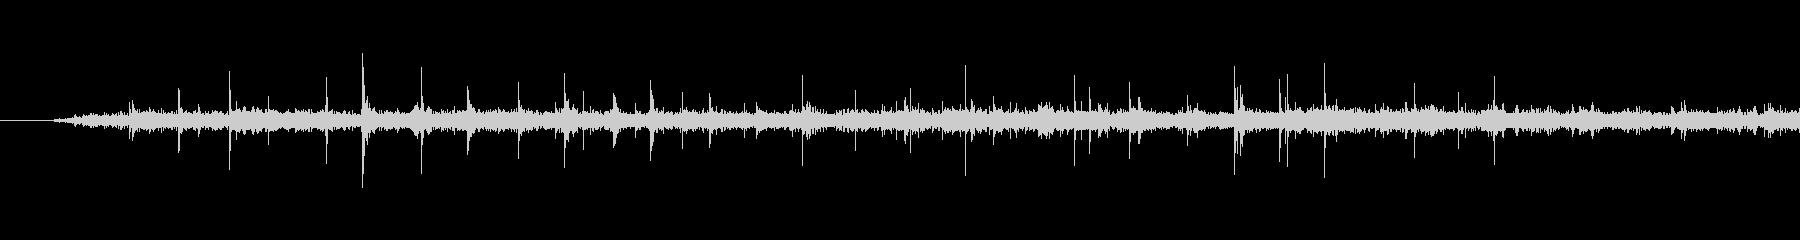 メトロバゴンインテリア0-30の未再生の波形